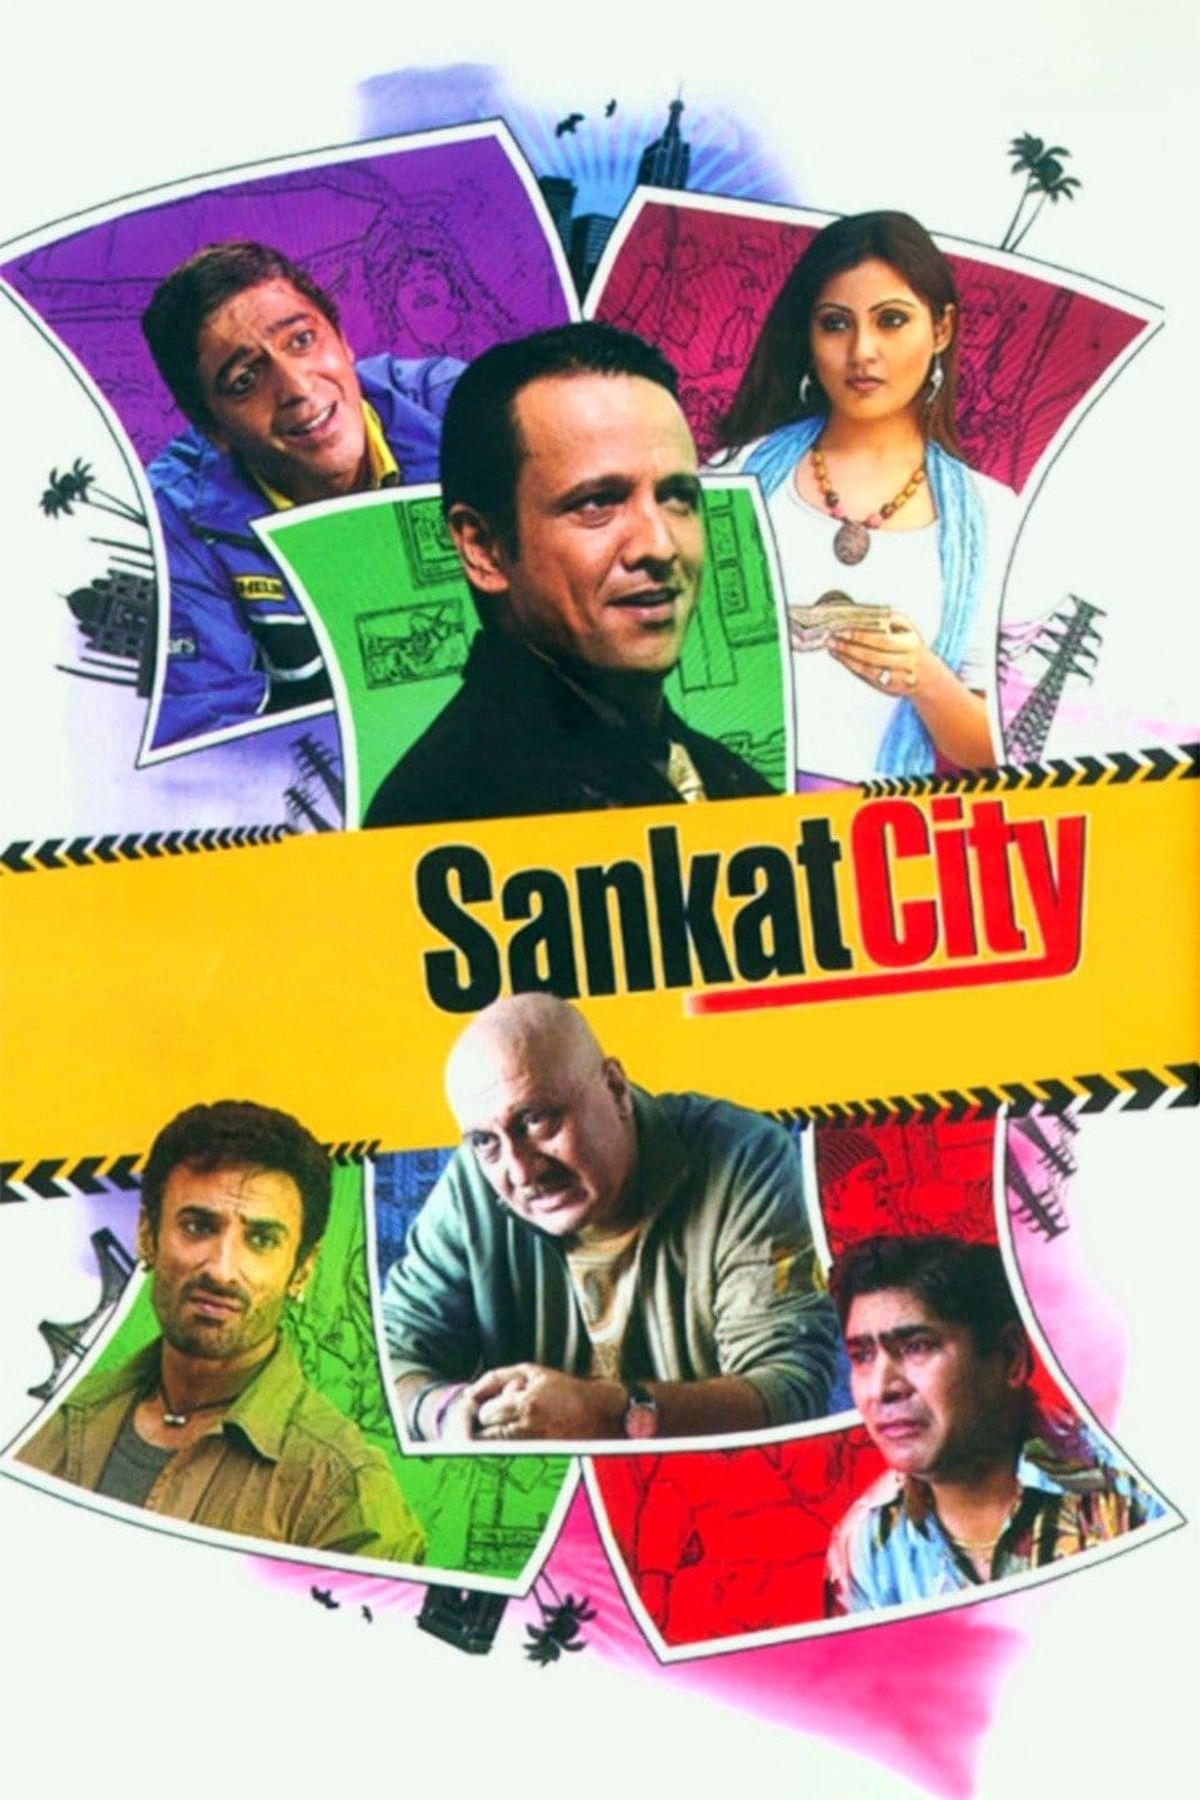 Khan Jahangir Khan Best Movies, TV Shows and Web Series List